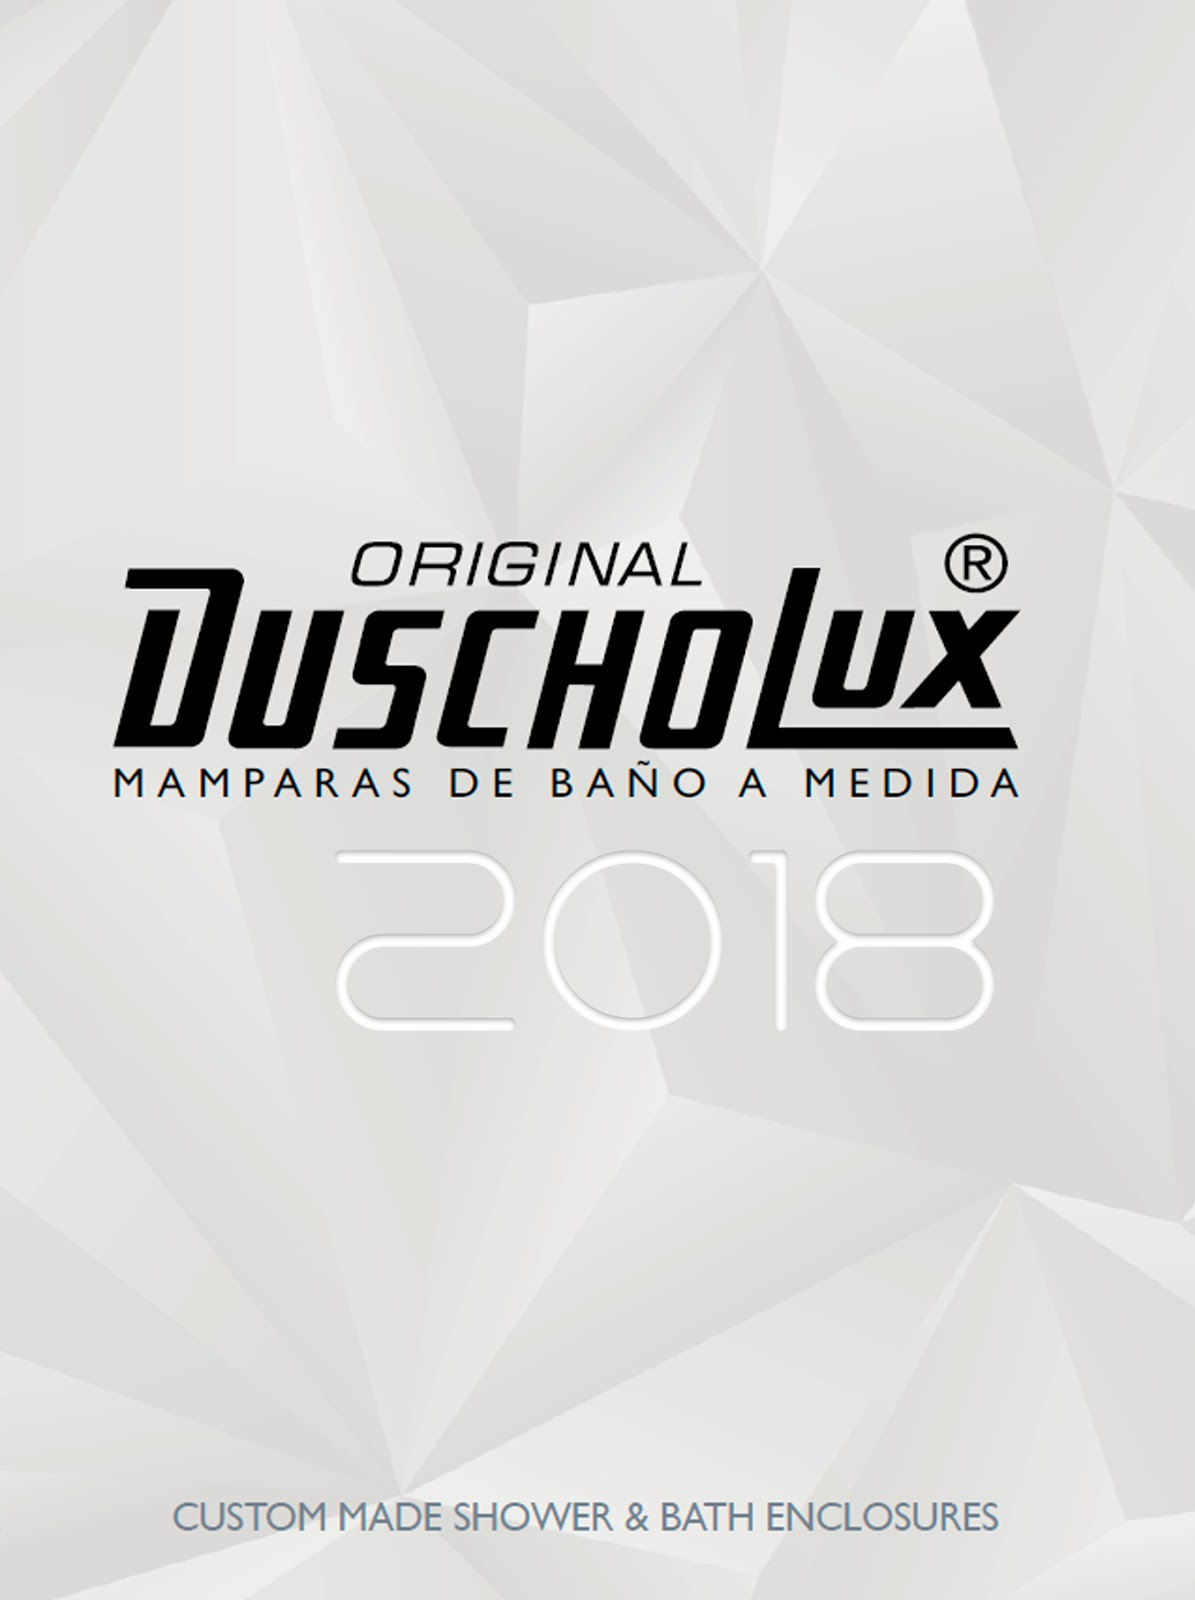 Mamparas De Bano Duscholux.Duscholux Iberica S A Mamparas De Bano A Medida Nuevo Catalogo